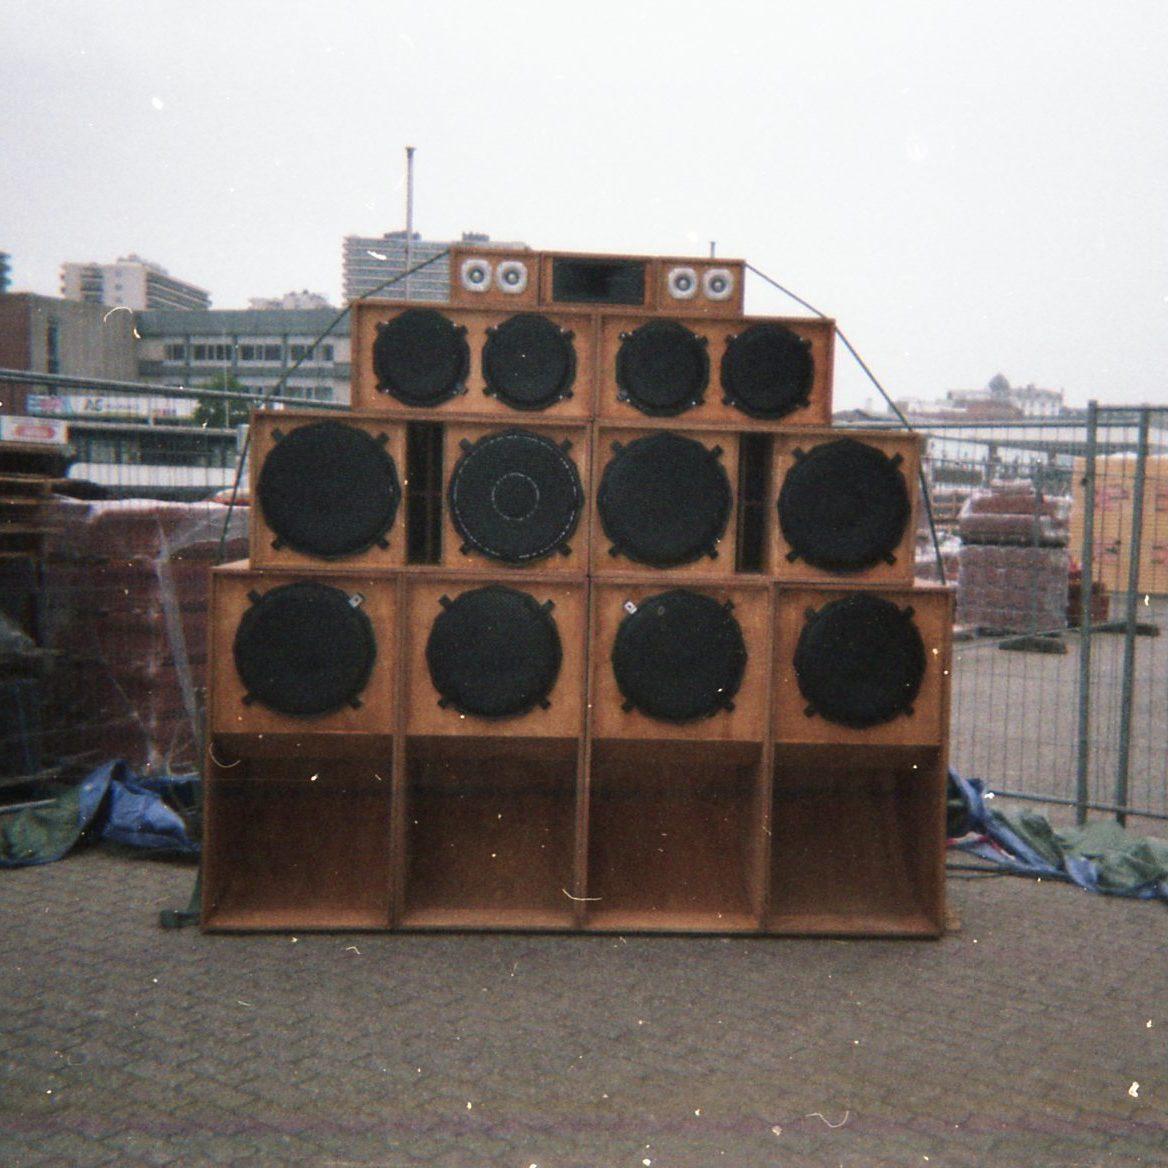 54 Sound